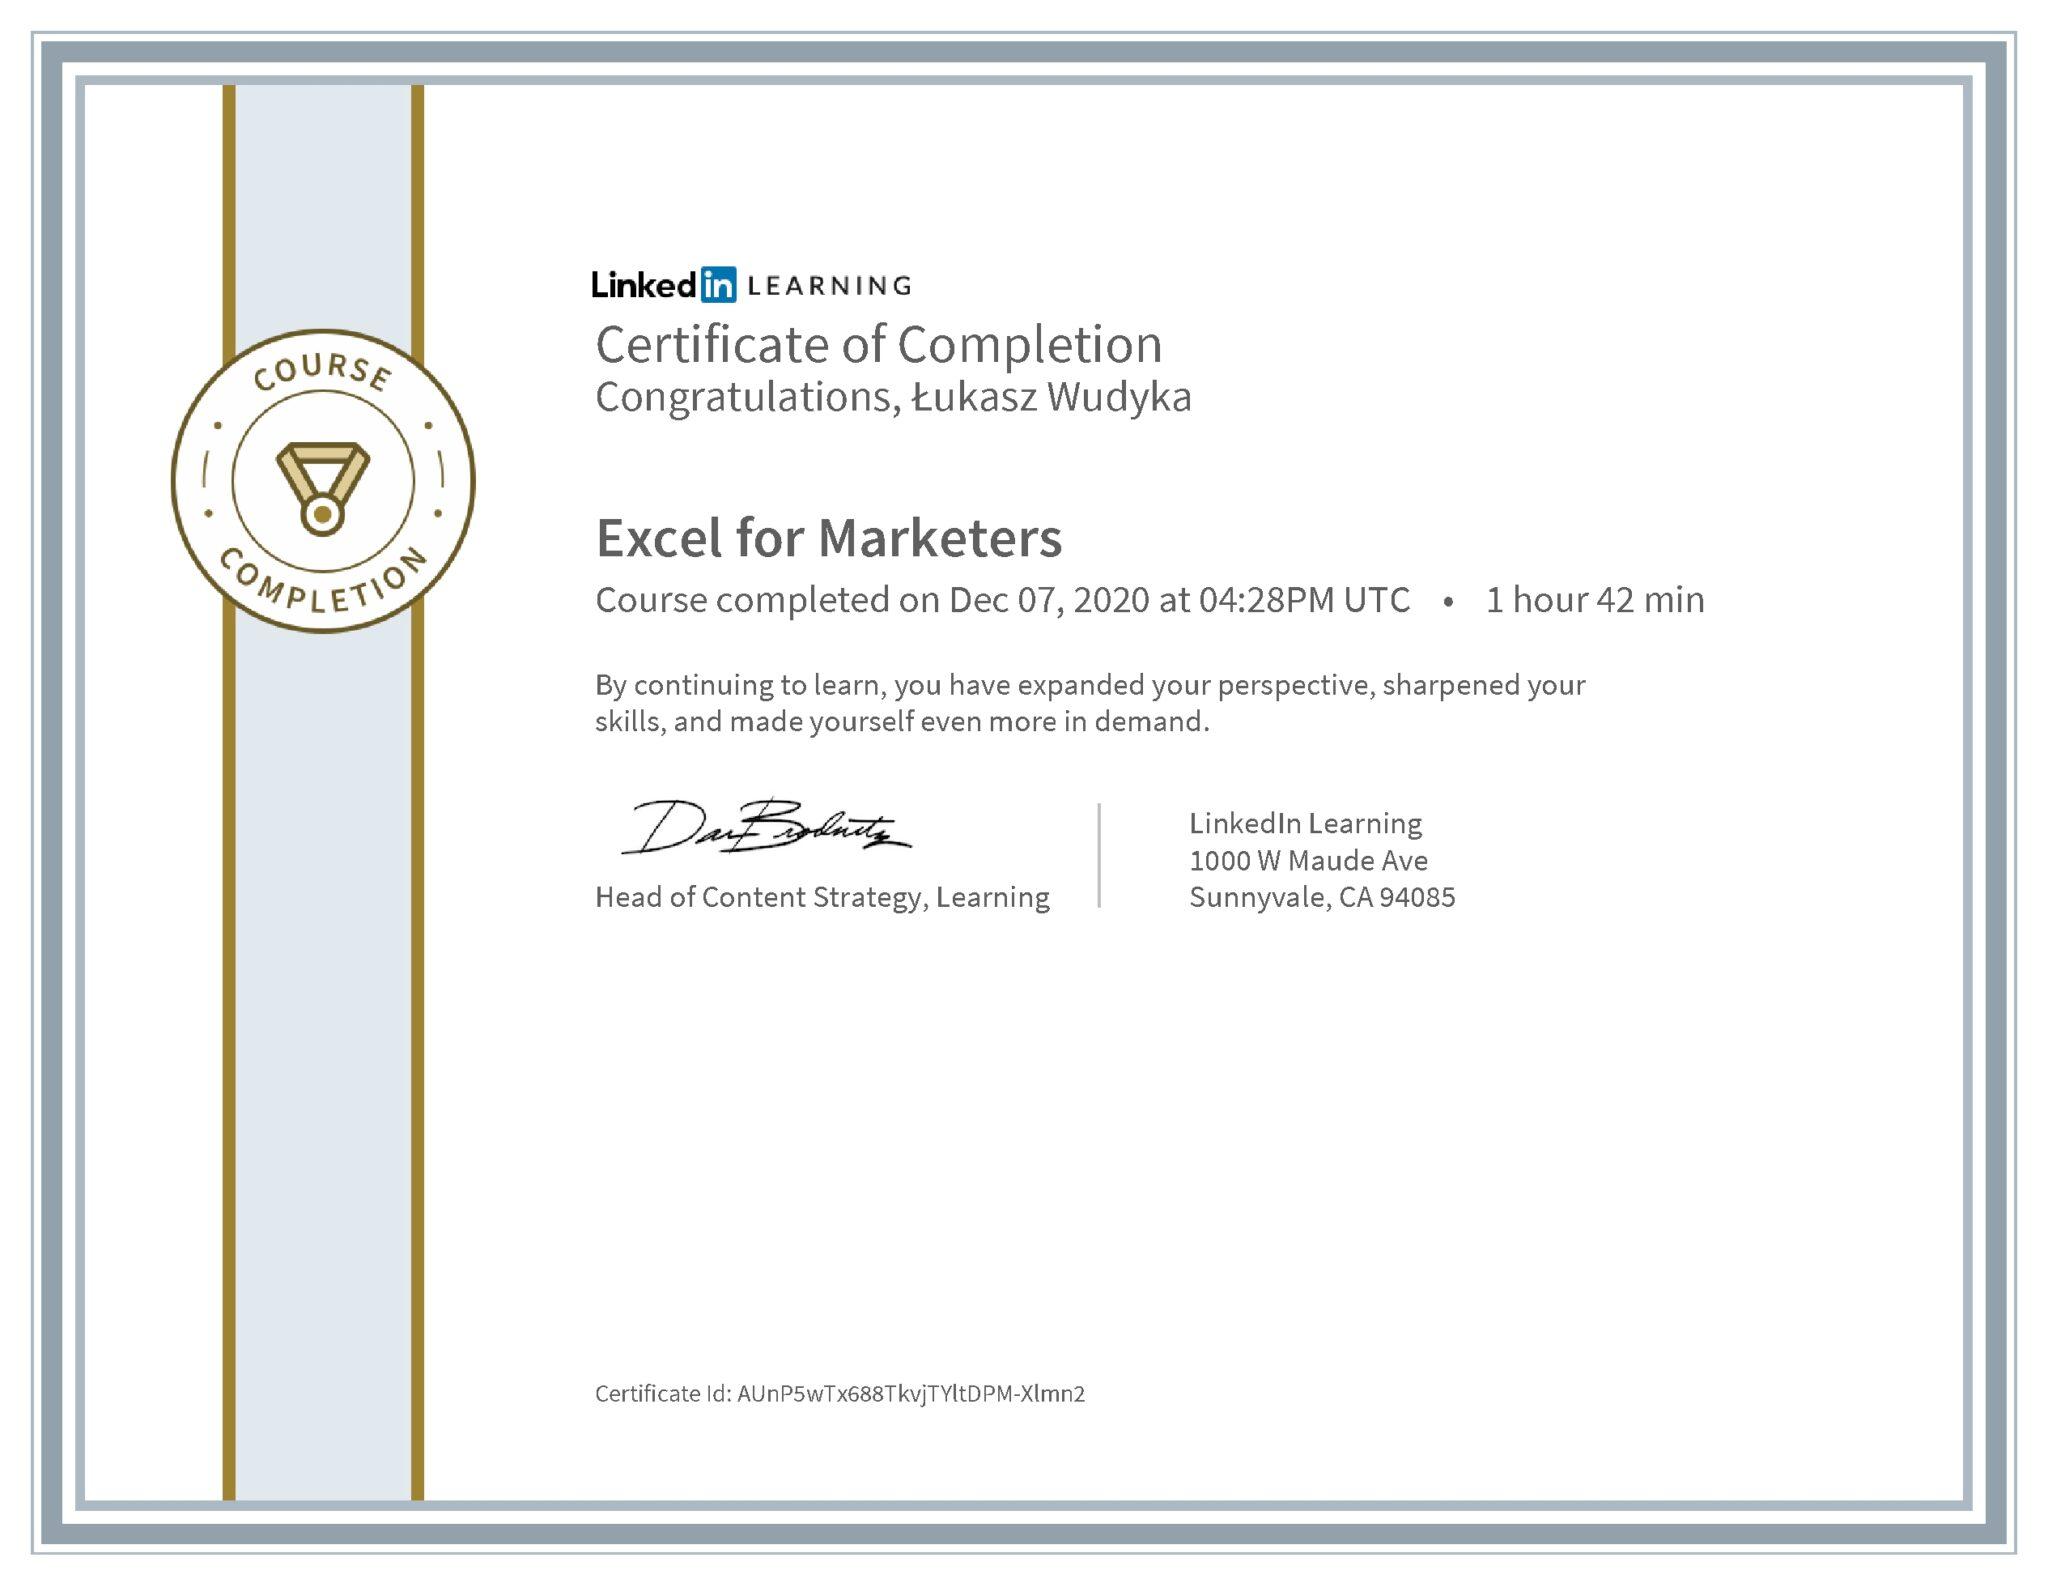 Łukasz Wudyka certyfikat LinkedIn Excel for Marketers